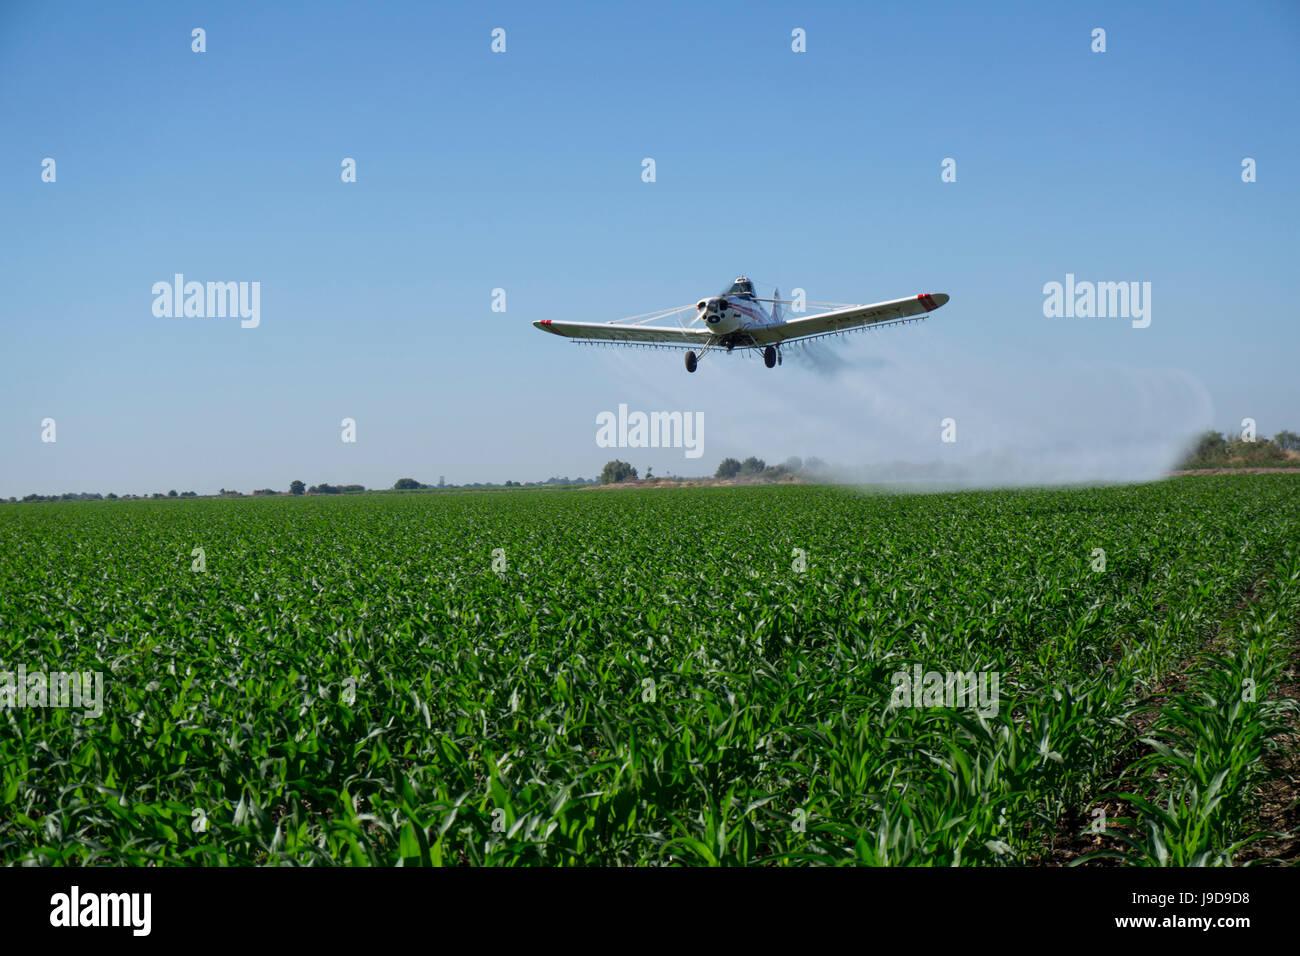 Larga scala agricoltura e irrorazione delle colture, Messico, America del Nord Immagini Stock